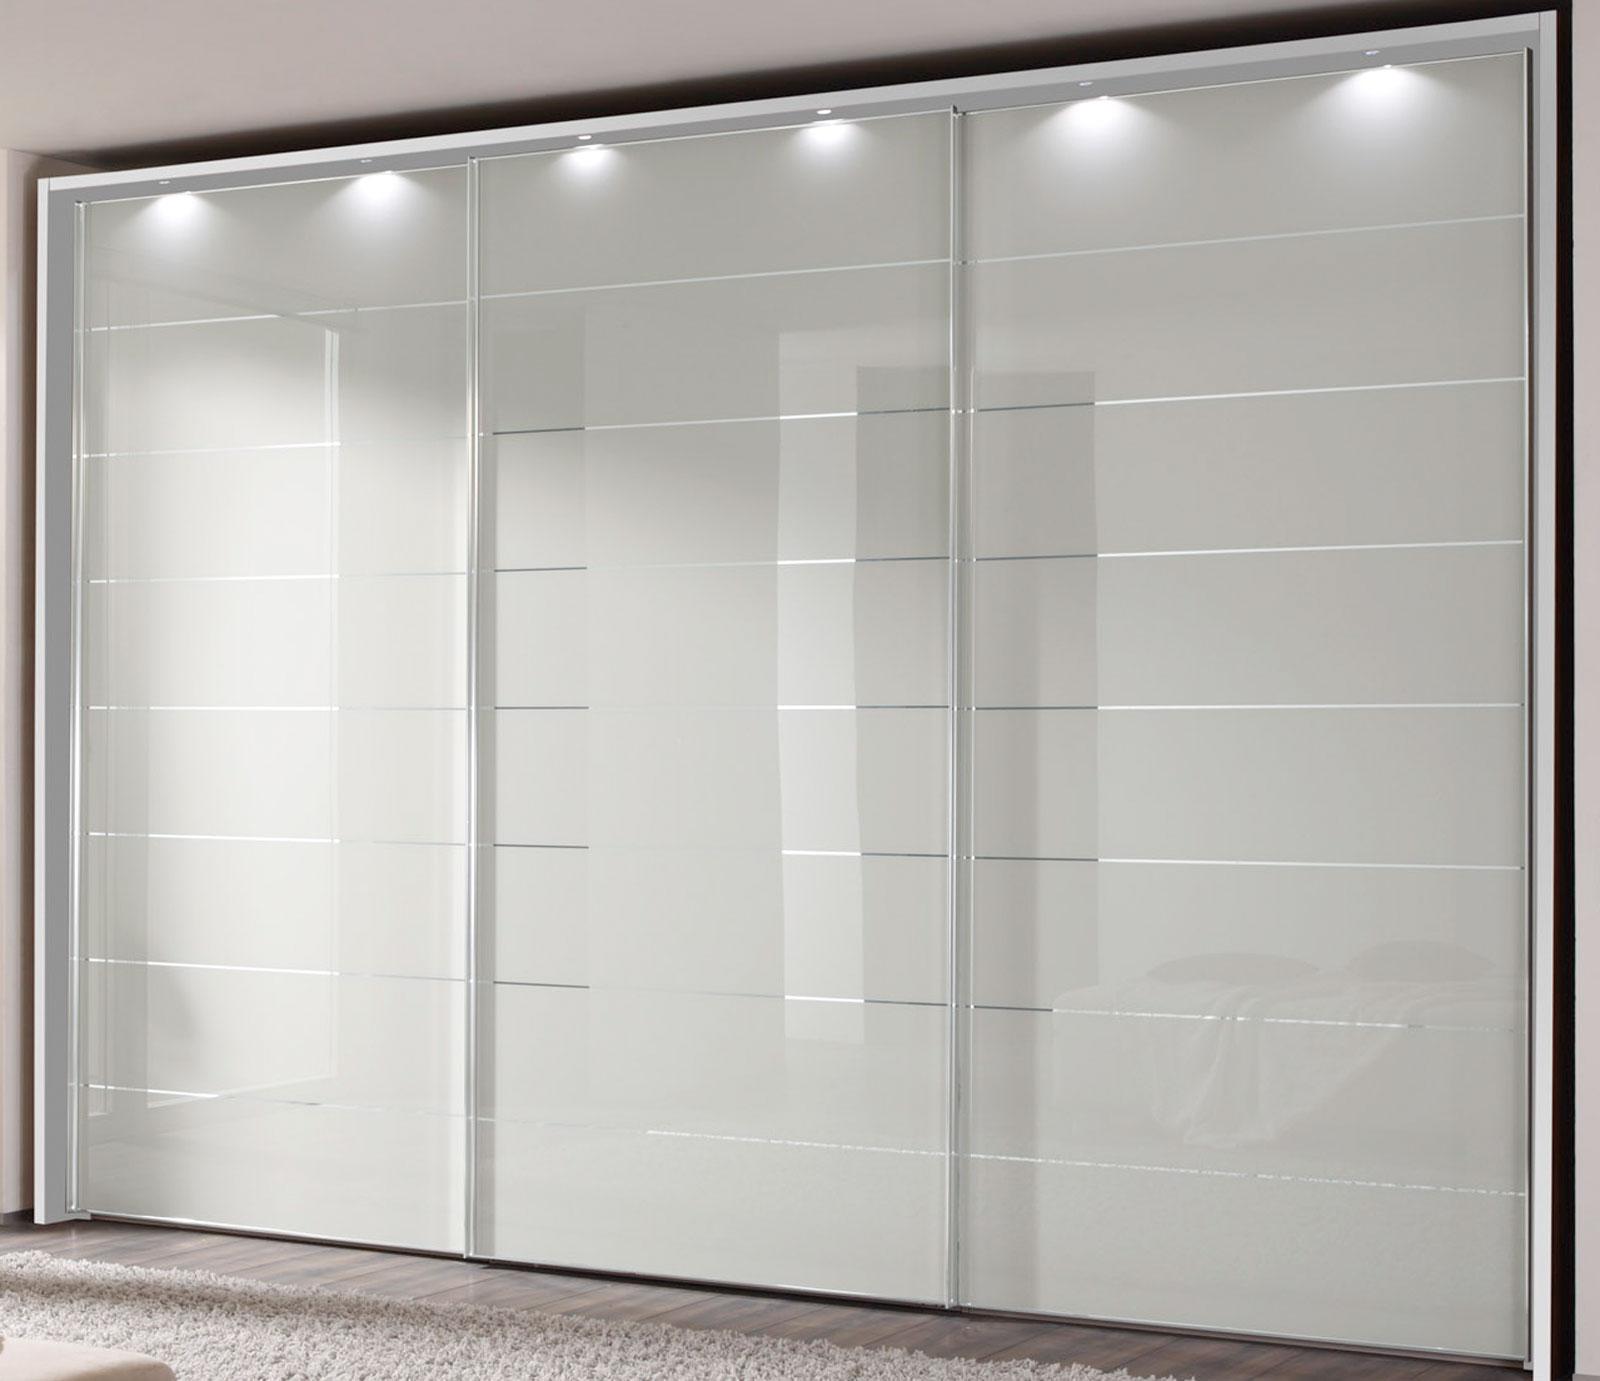 Staud Sonate Como Schwebetürenschrank weiß Glas Breite 10 cm